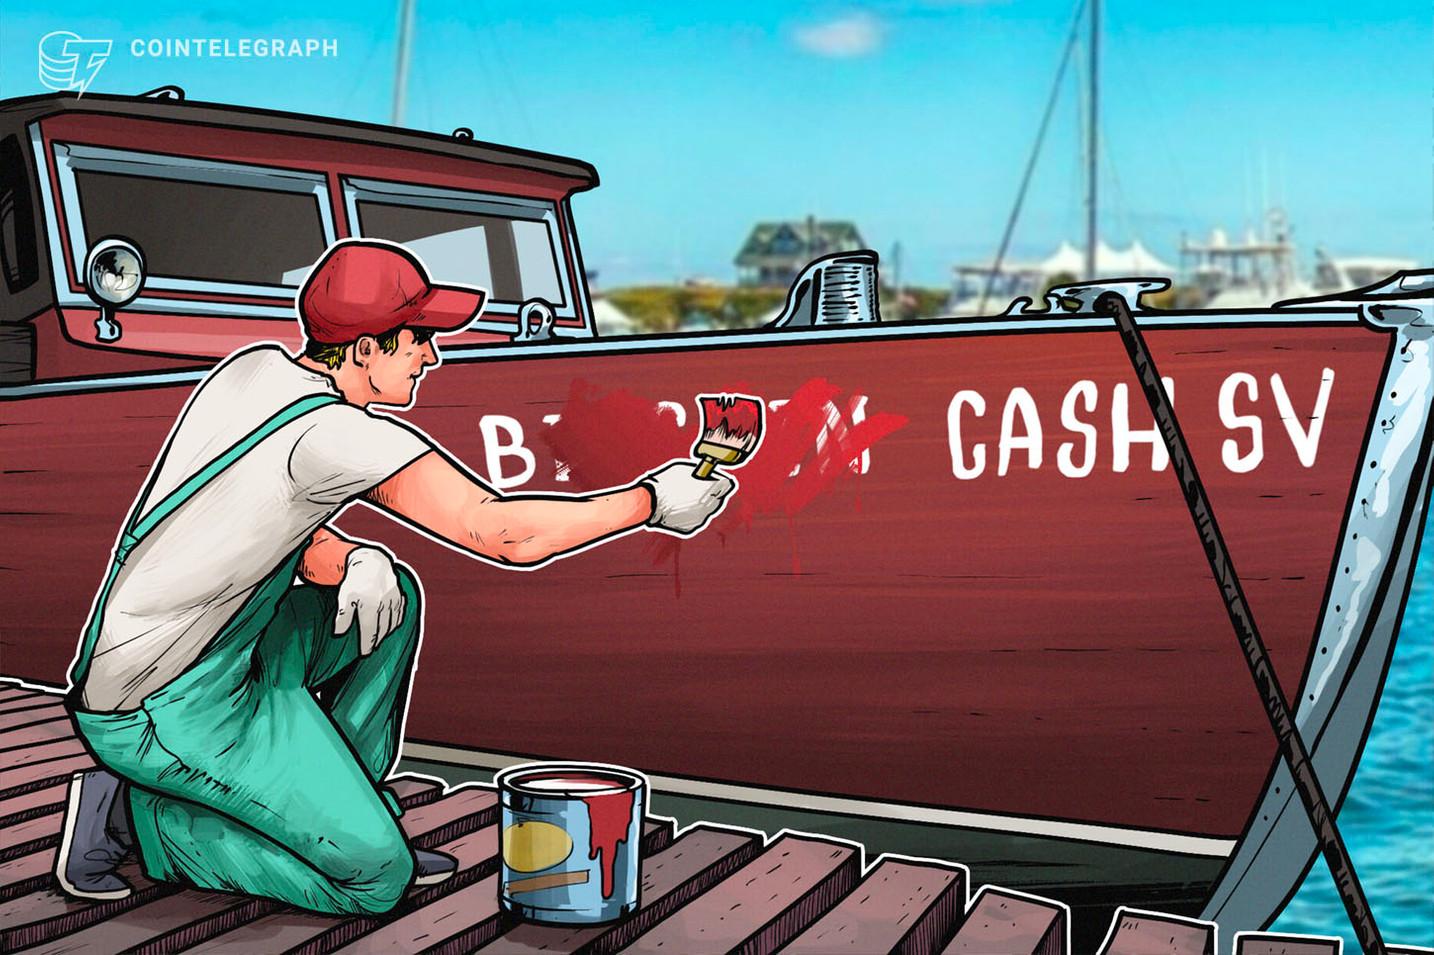 Kryptobörse OKEx notiert Bitcoin Cash ABC unter ursprünglichem Bitcoin Cash-Ticker